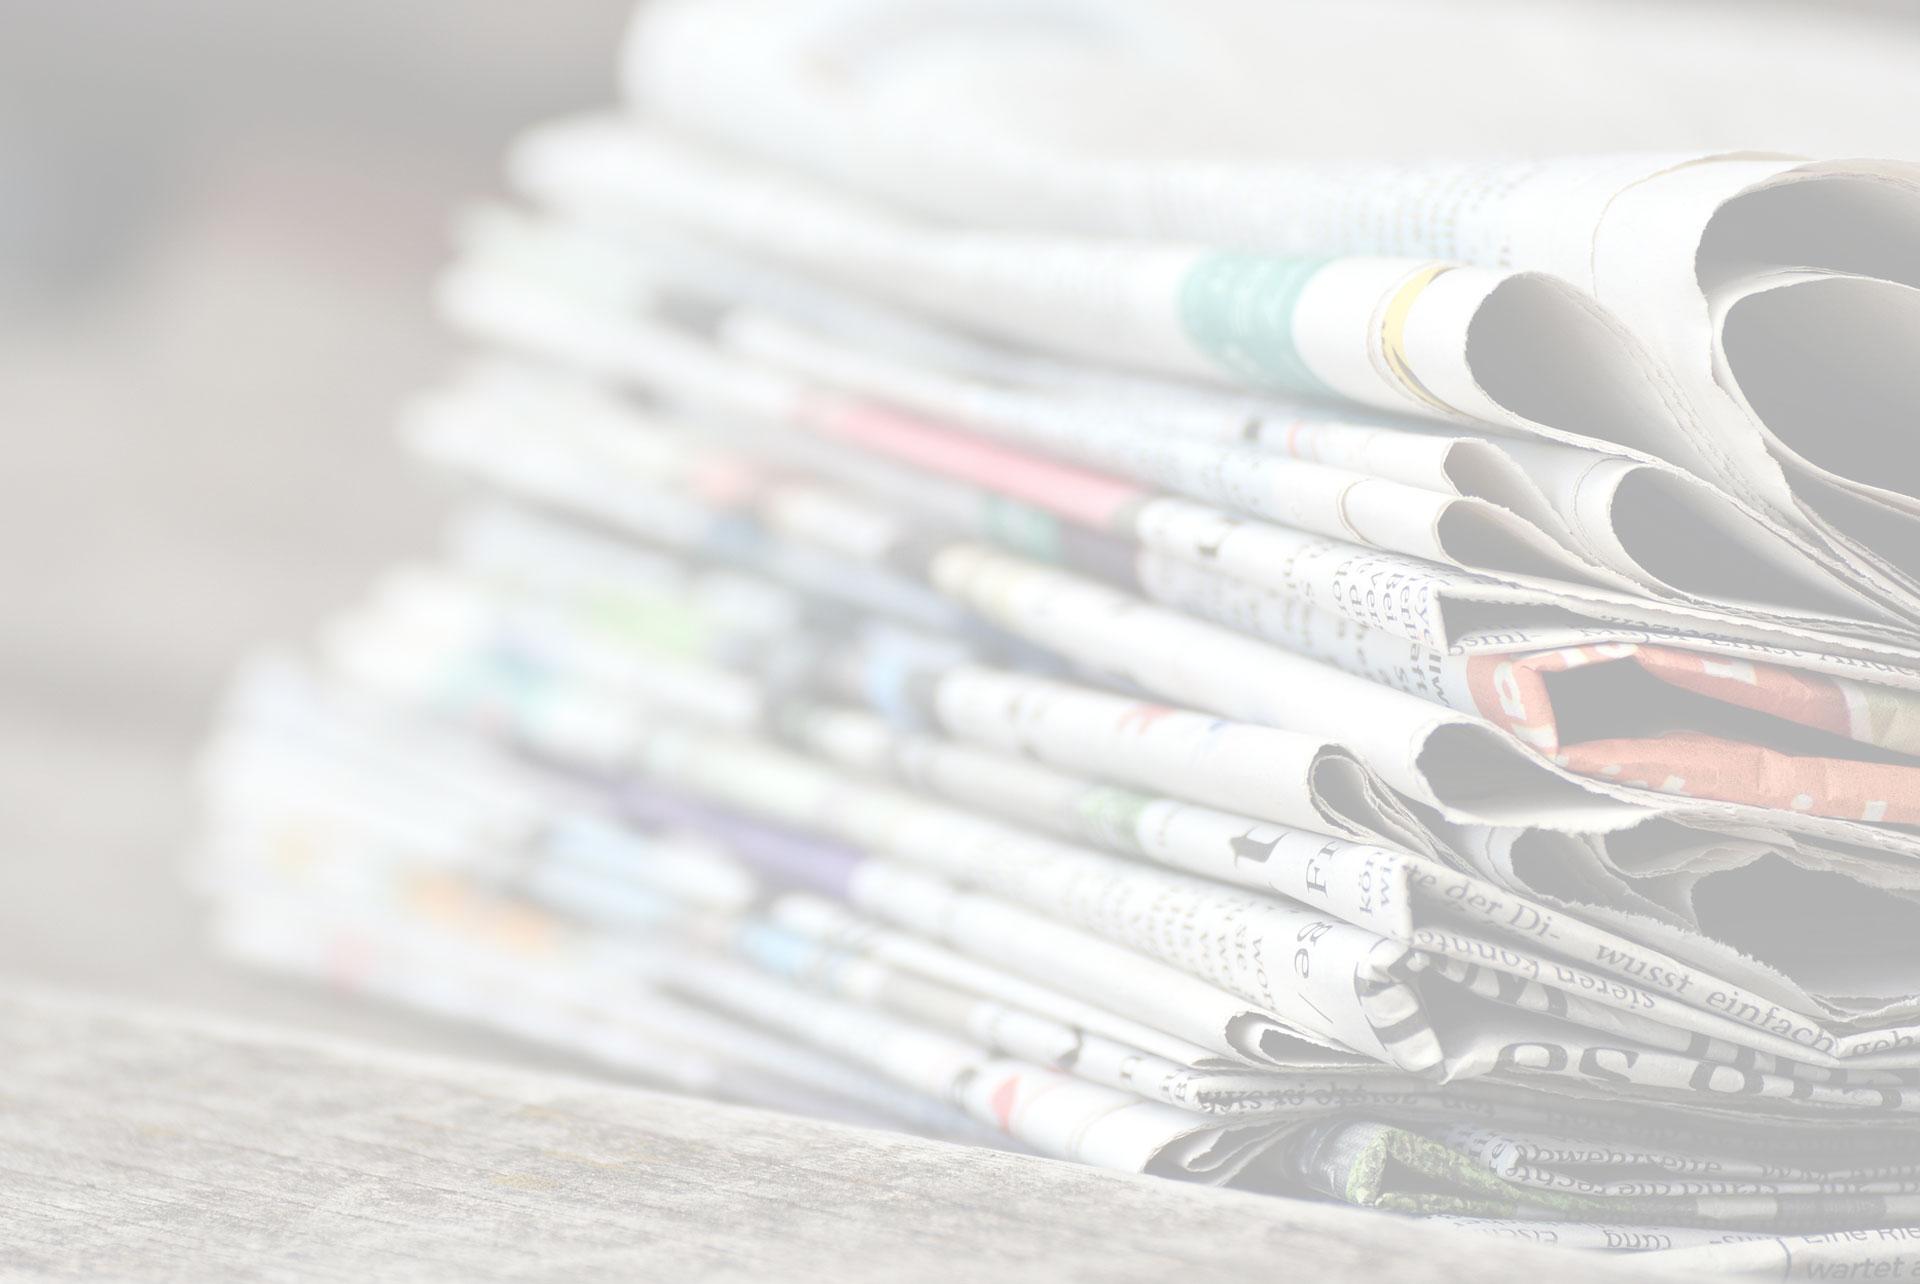 Conte e Macron